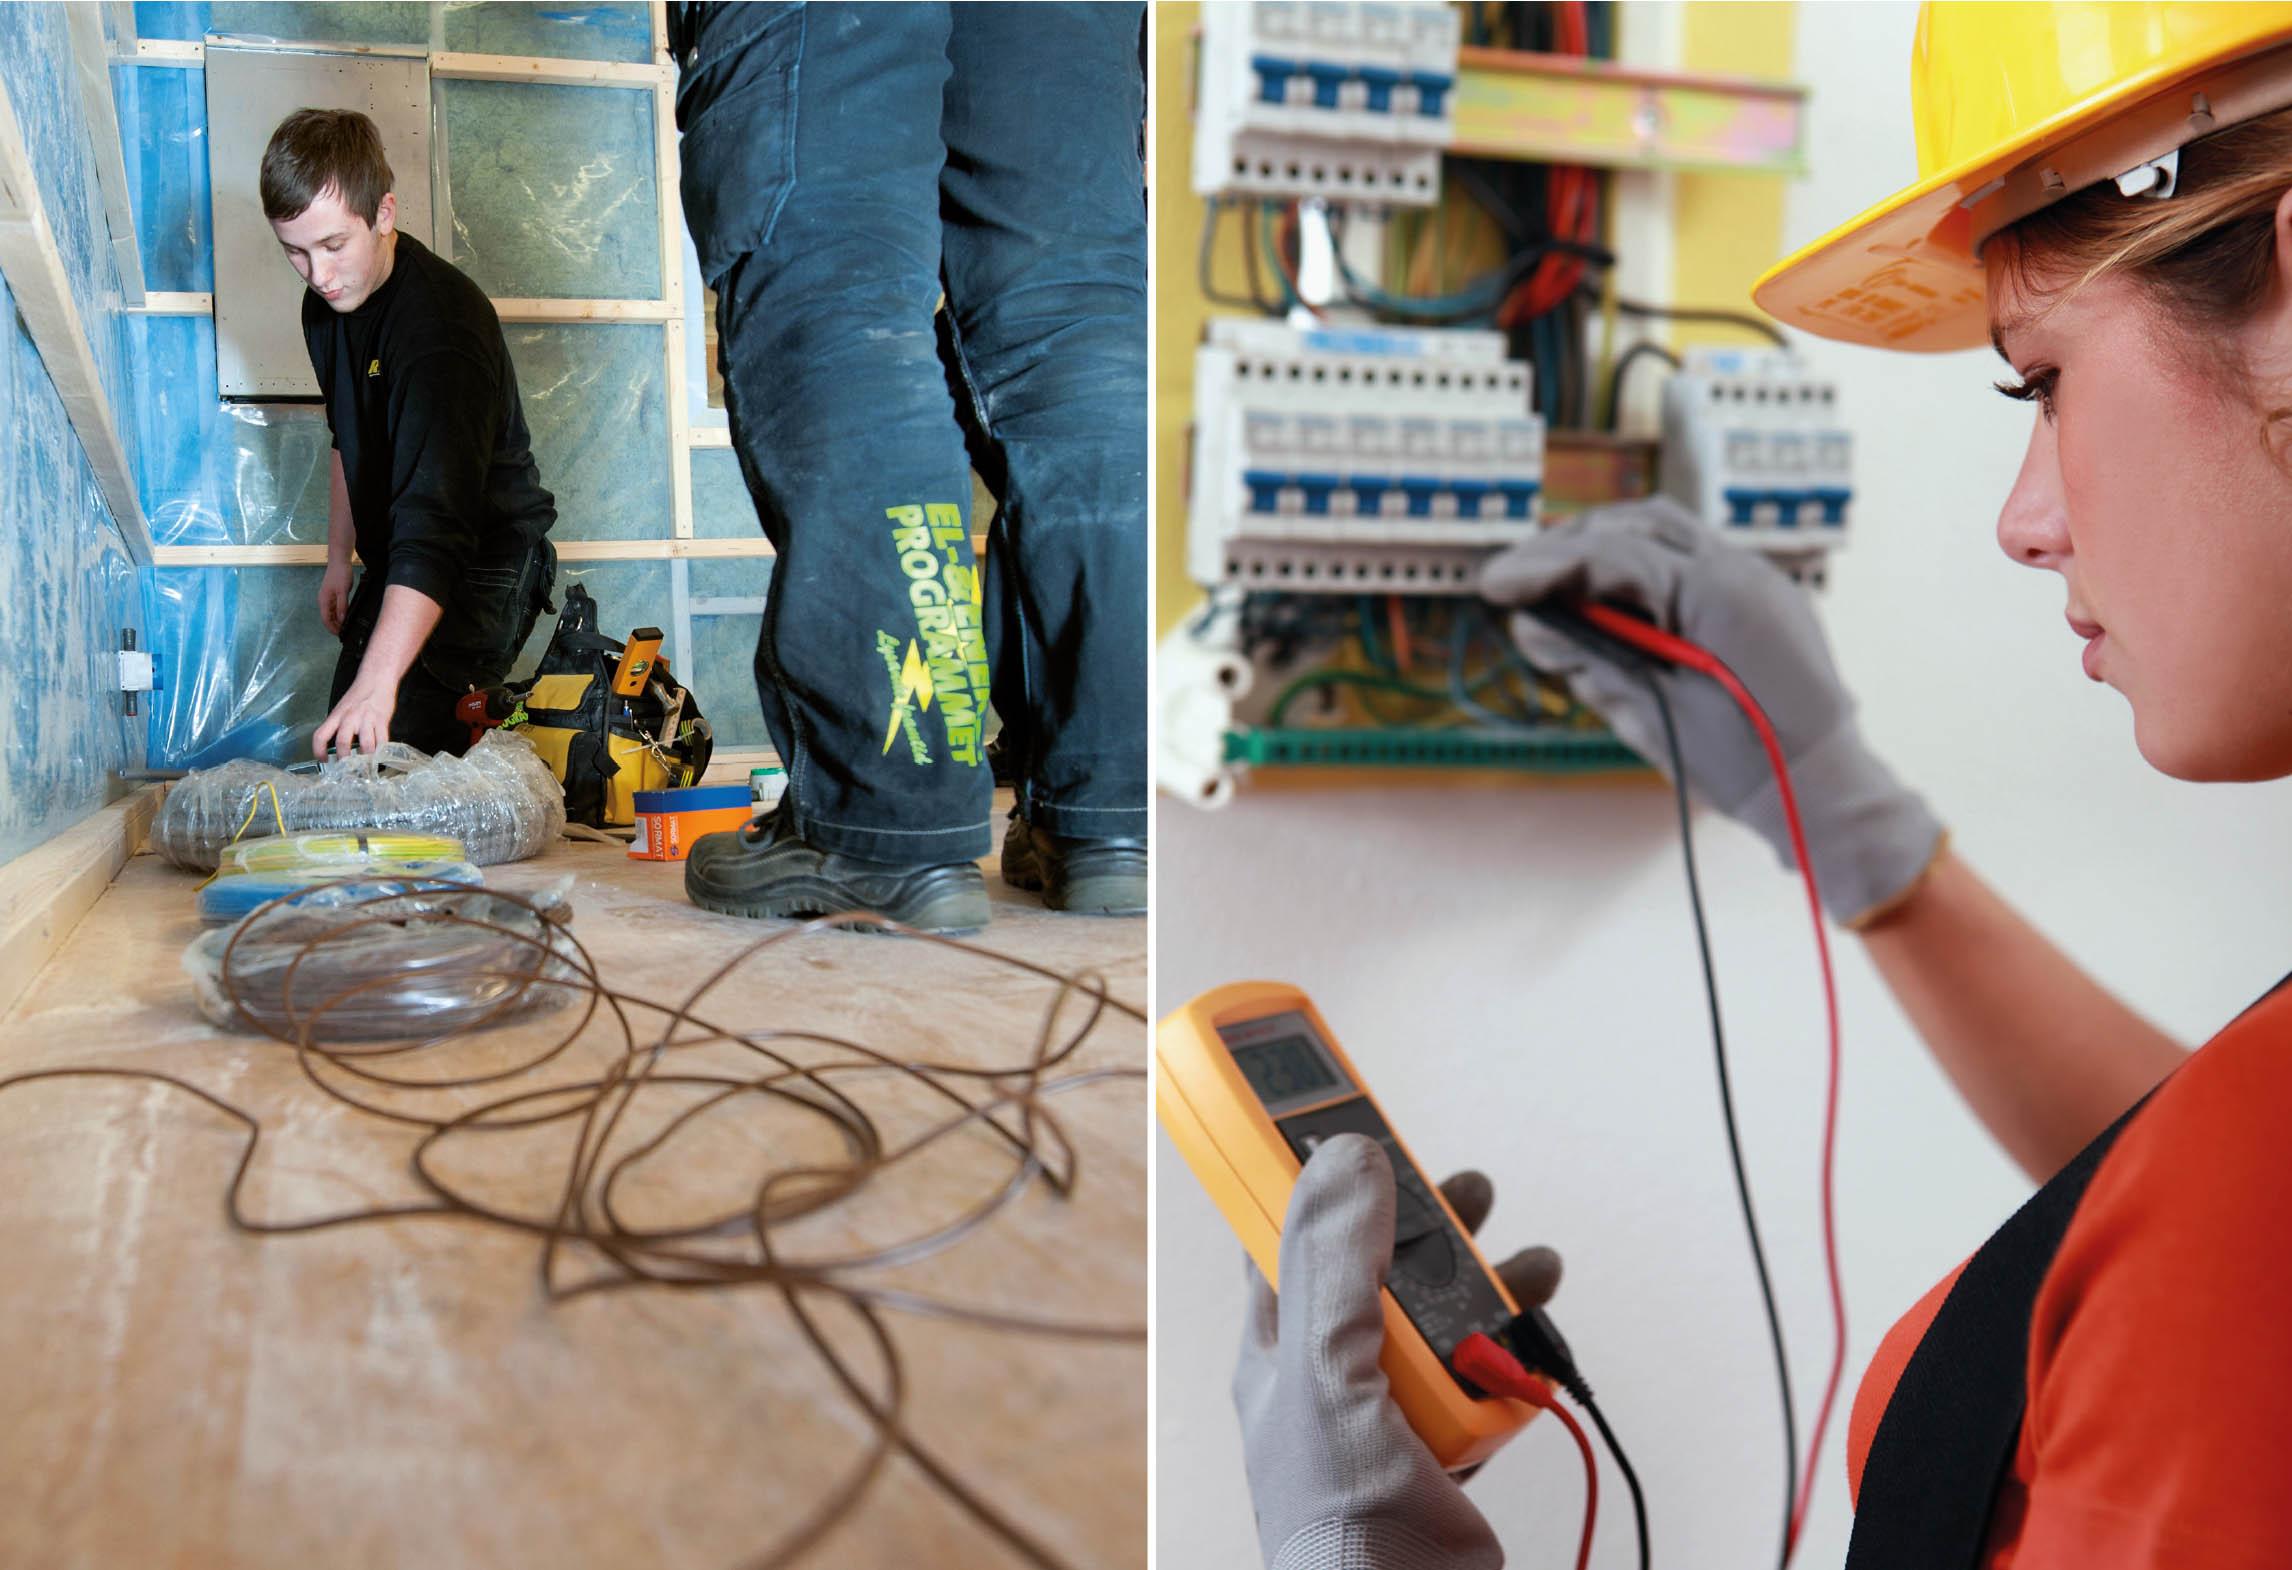 Elever drar elkablar samt elev som använder mätinstrument i elcentral